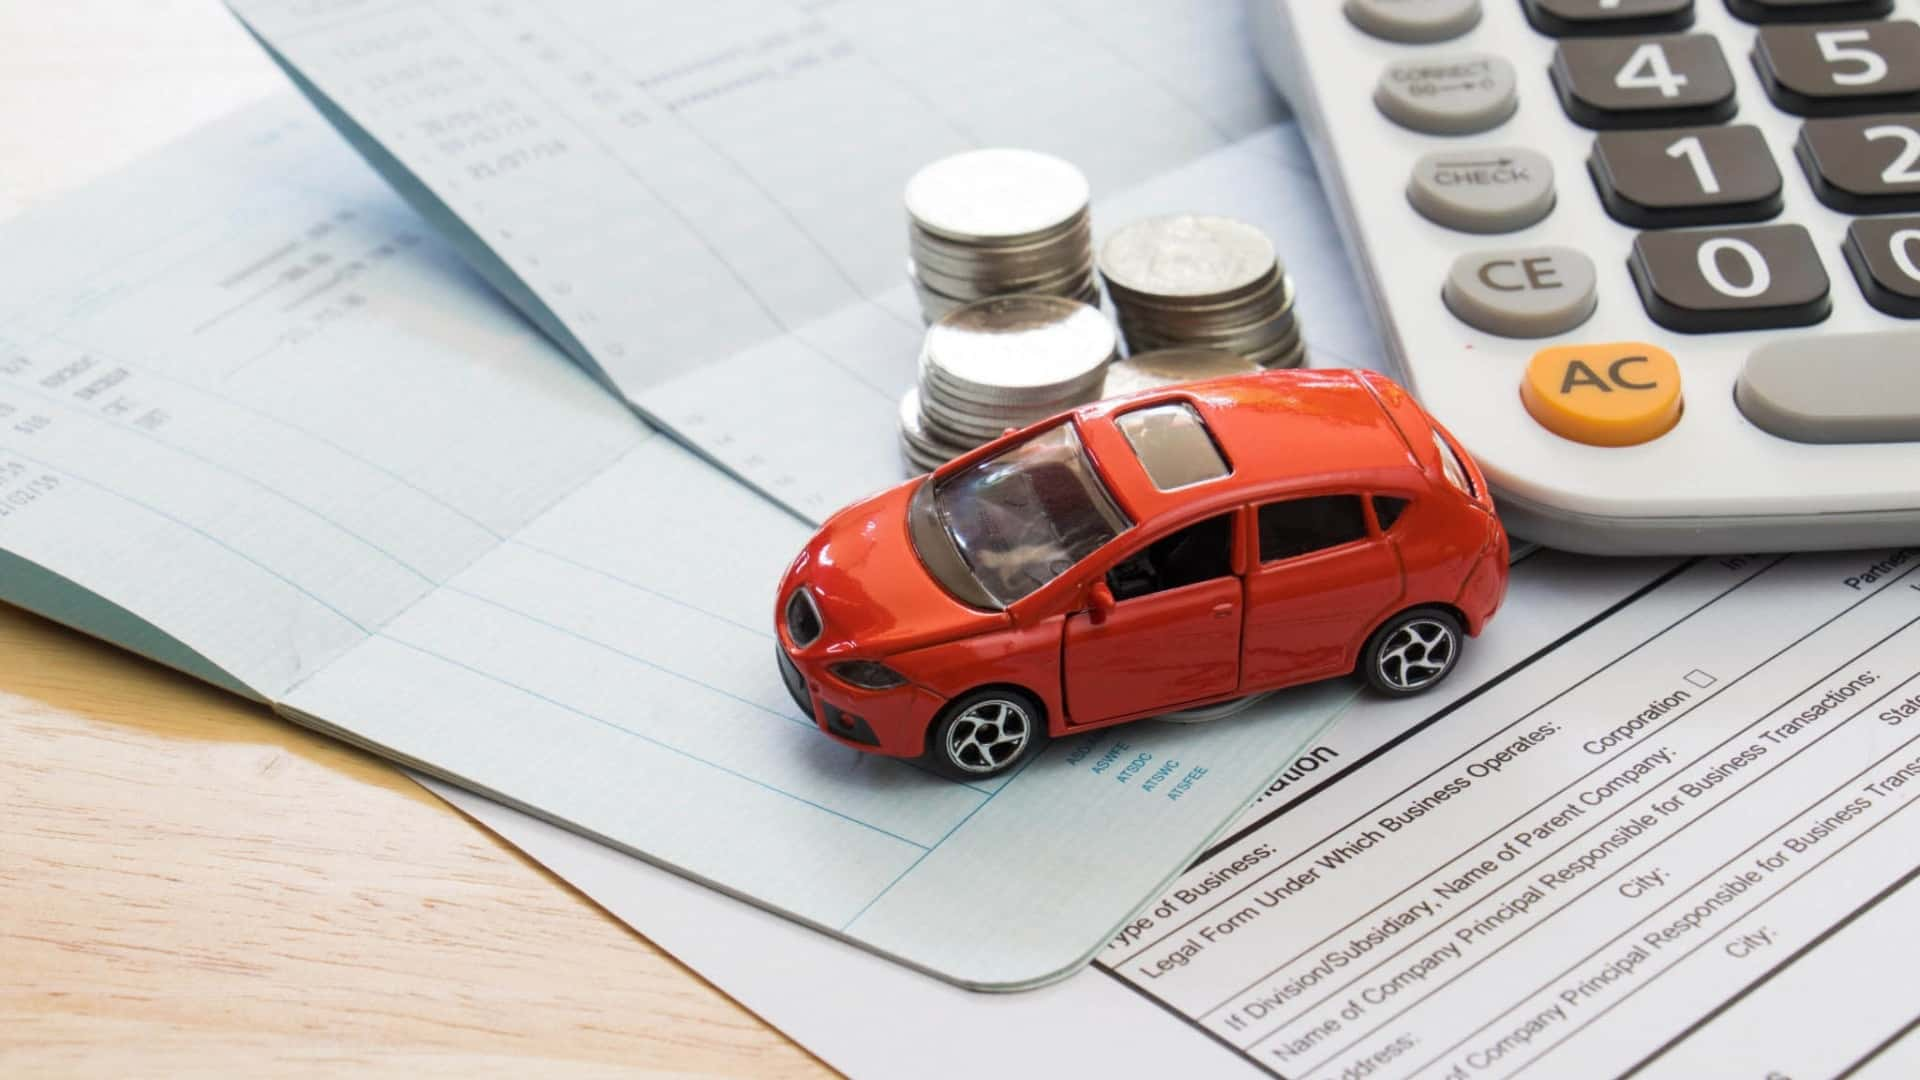 Нужно ли пенсионеру или инвалиду лично разбираться с транспортным налогом